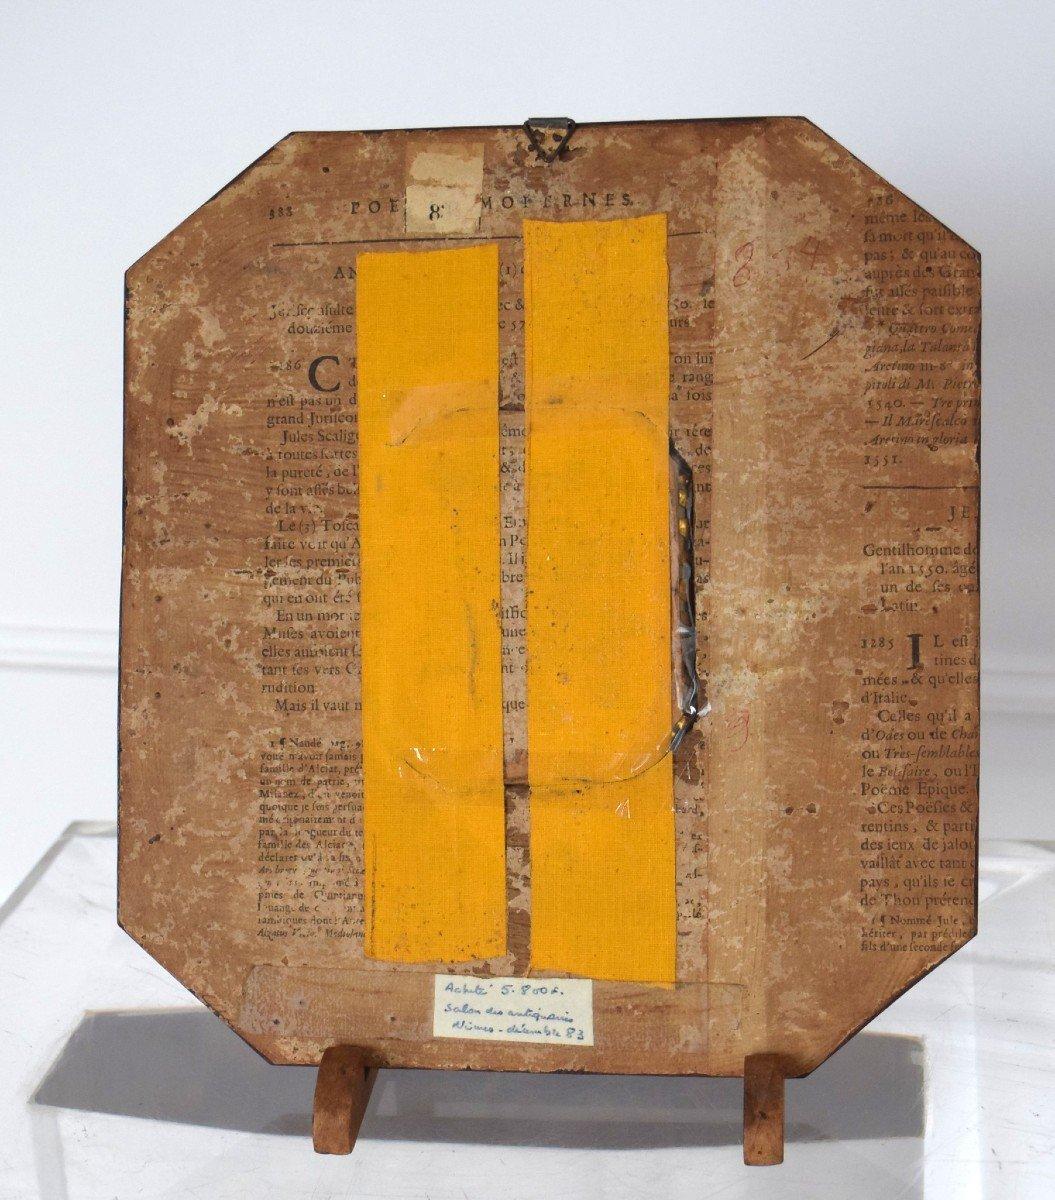 Miniature sur ivoire Cadre marqueterie d'ivoire et loupe de thuya-photo-4